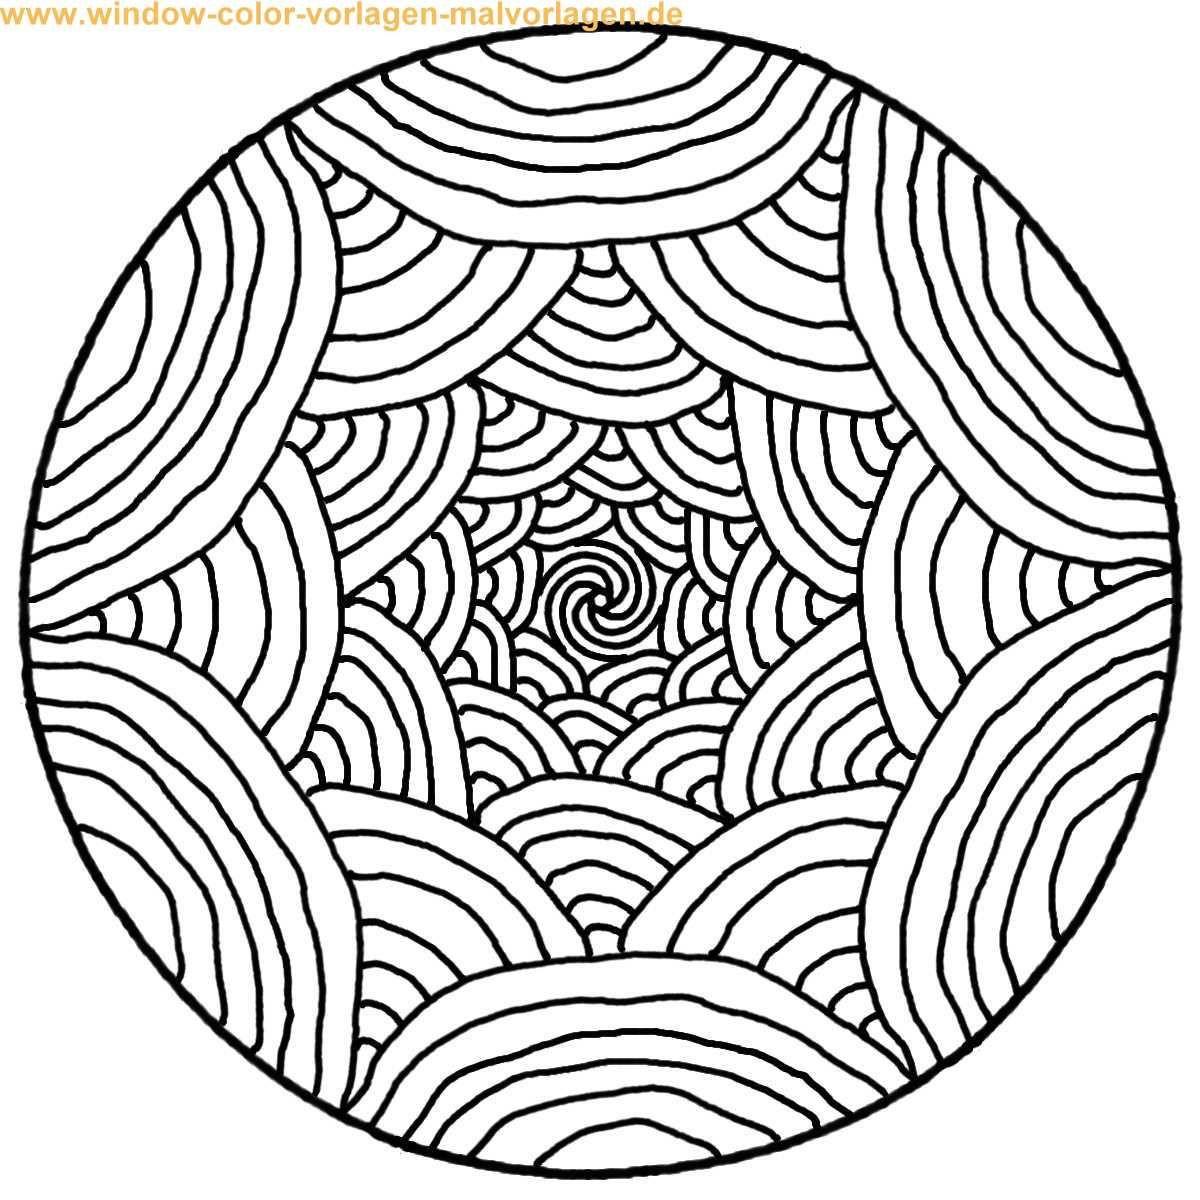 Malvorlagen Mandala  mandalas